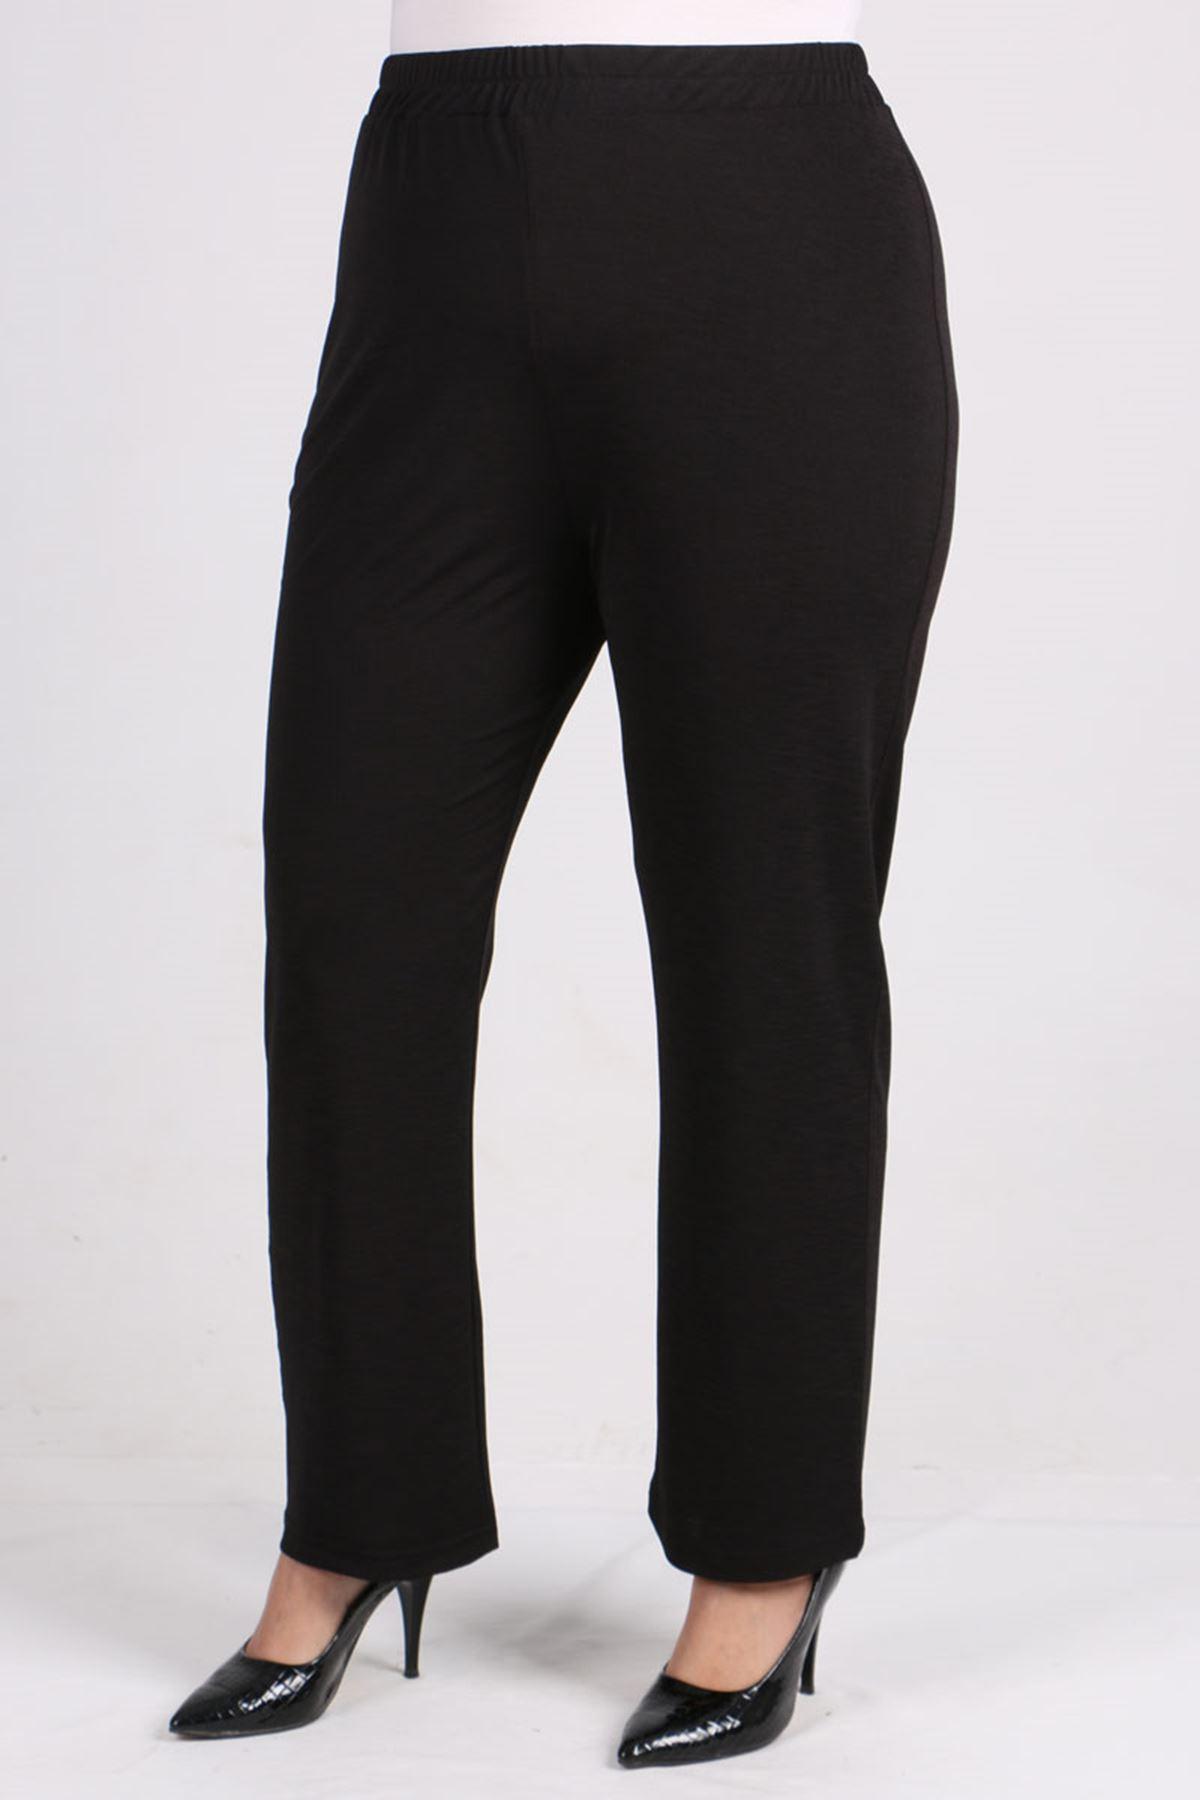 7696 Büyük Beden Renk Kombinli Mina Pantalonlu Takım  Haki-Siyah